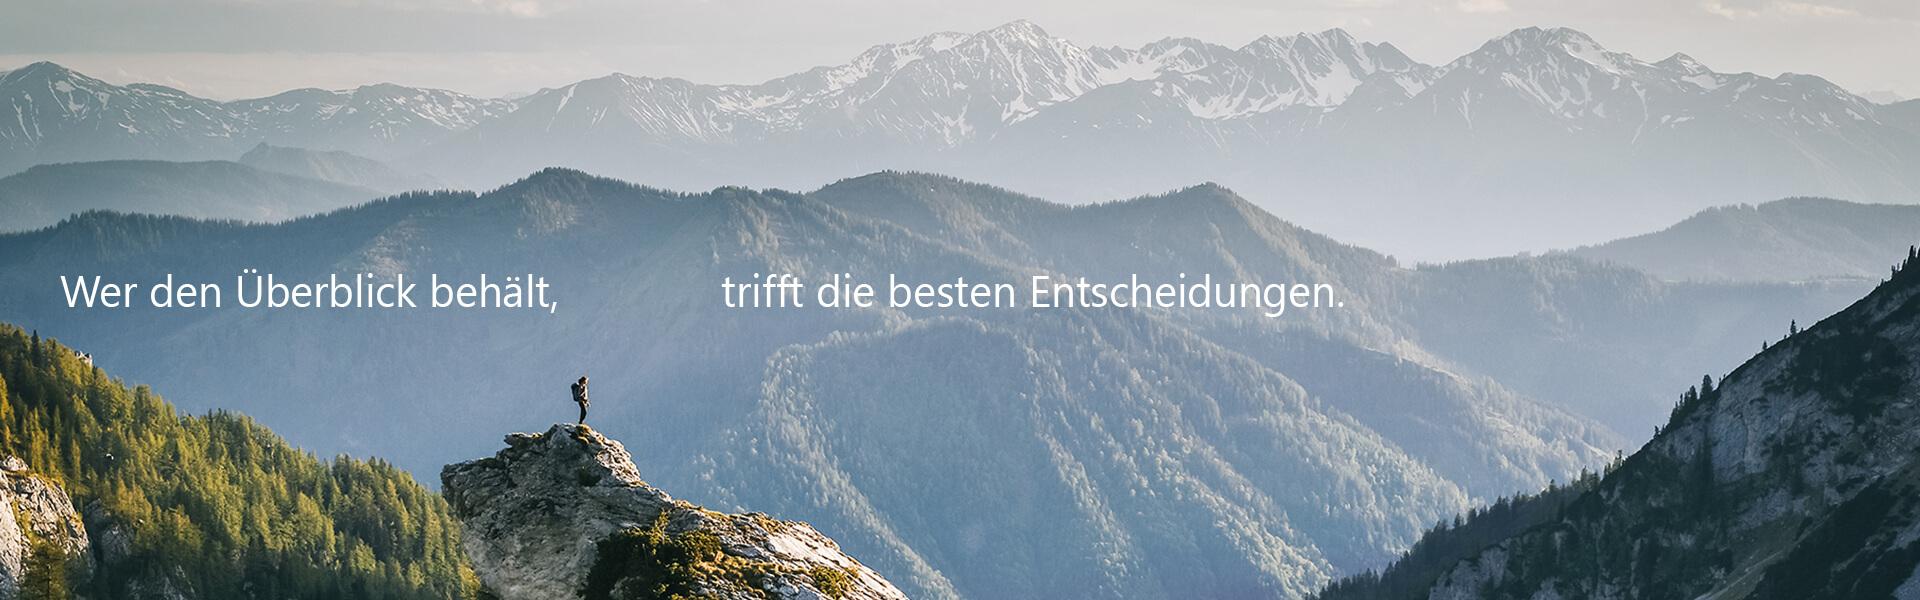 is_1256434595_1920x600_Überblick_beste_Entscheidung